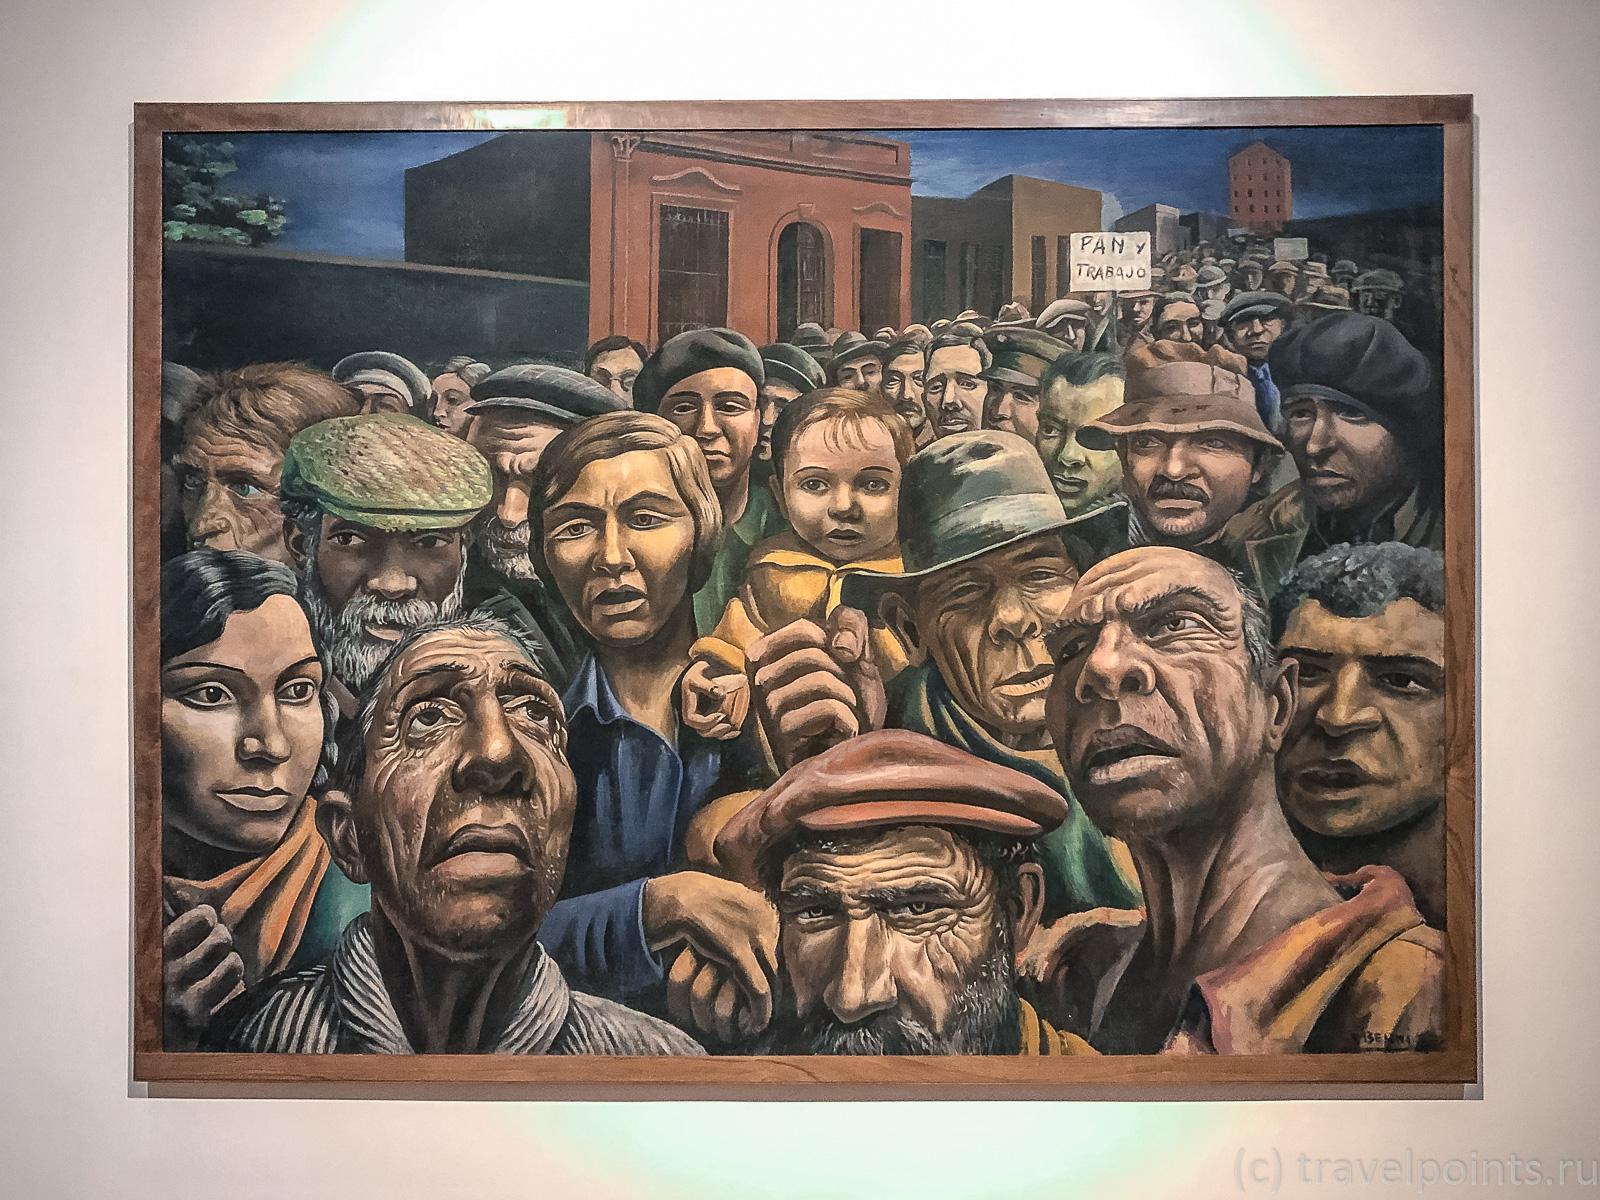 """Антонио Берни. """"Манифестация"""" 1934 год. Галерея латиноамериканского искусства в Буэнос Айресе"""